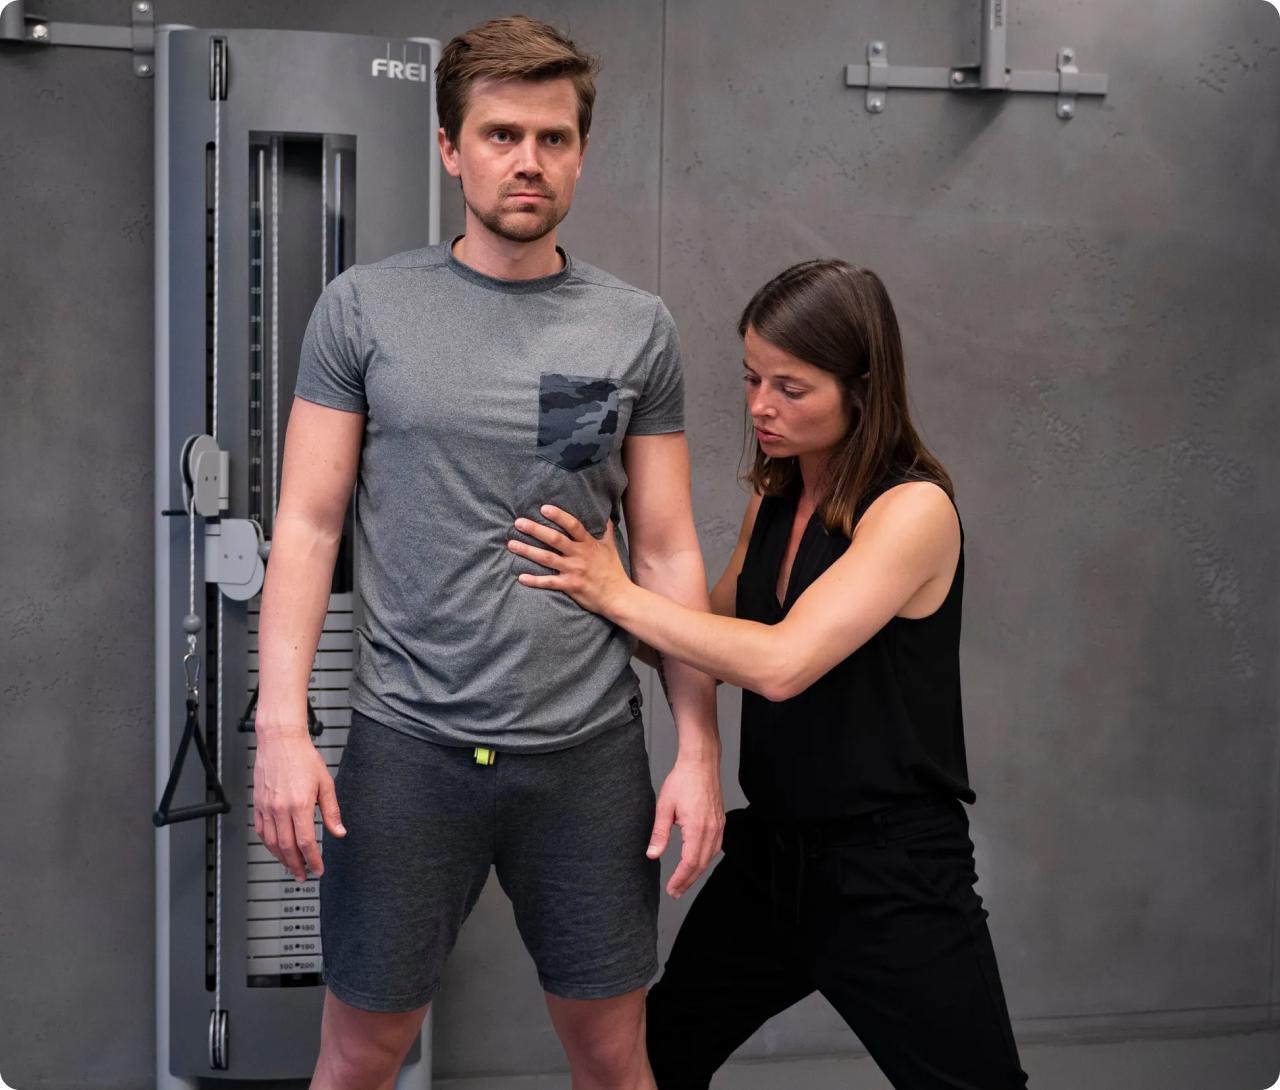 Bild Luise Walther mit Kunde beim Neurotraining - Atemübung